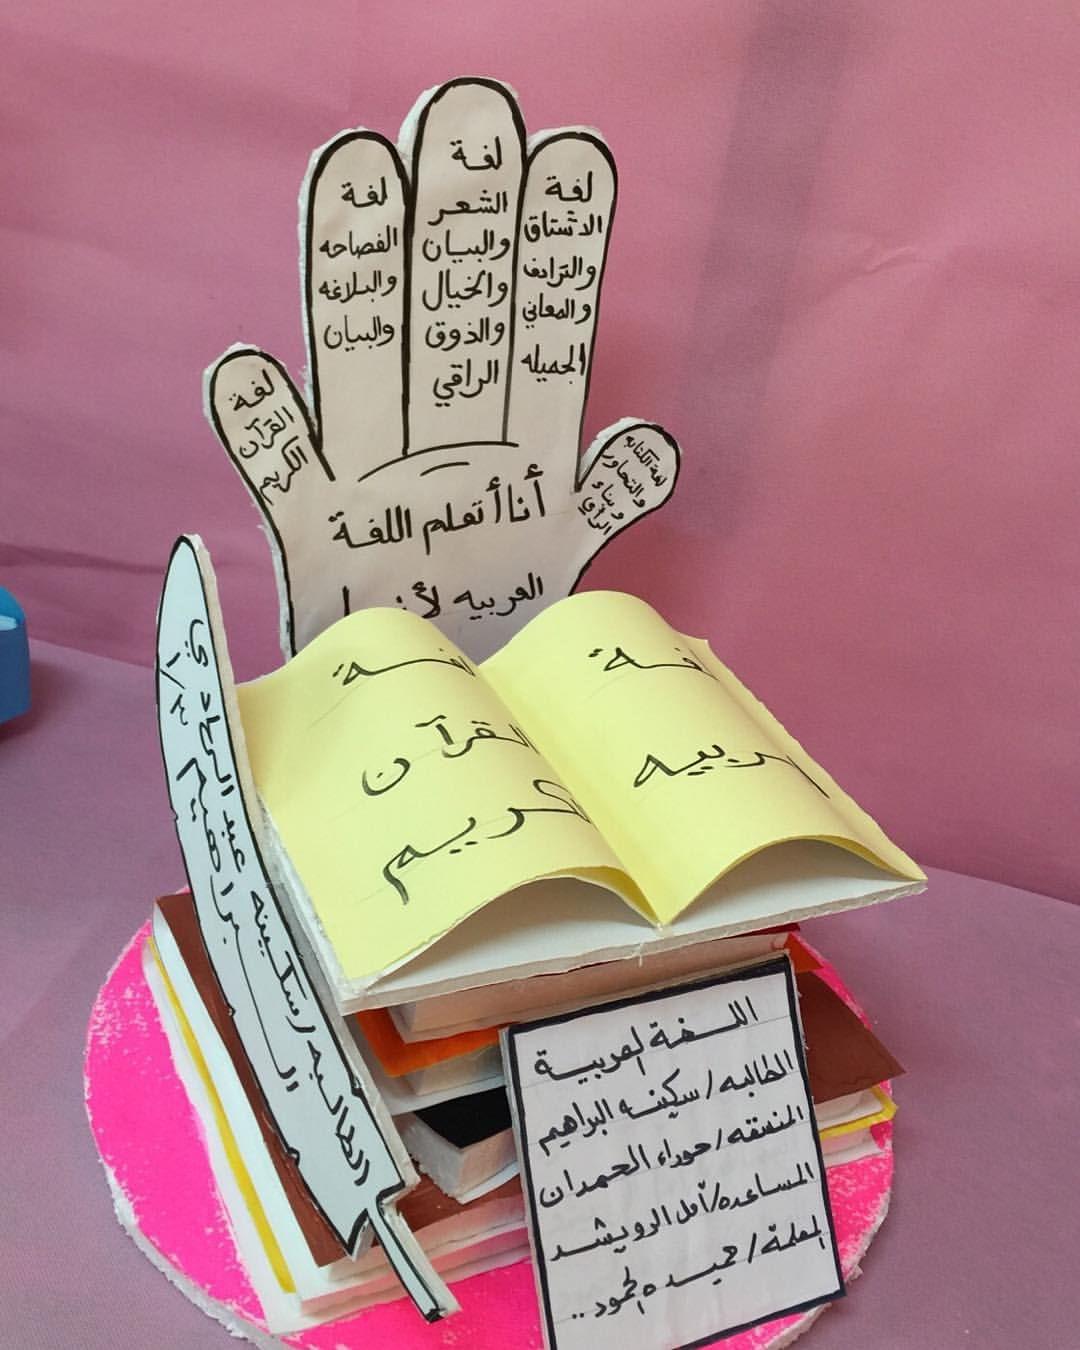 الأبتدائيه الأولى بالشعبه On Instagram شكرا حبيبتي والدة بنتنا الطالبة الجميلة سكينة البر Islamic Kids Activities Muslim Kids Activities School Decorations